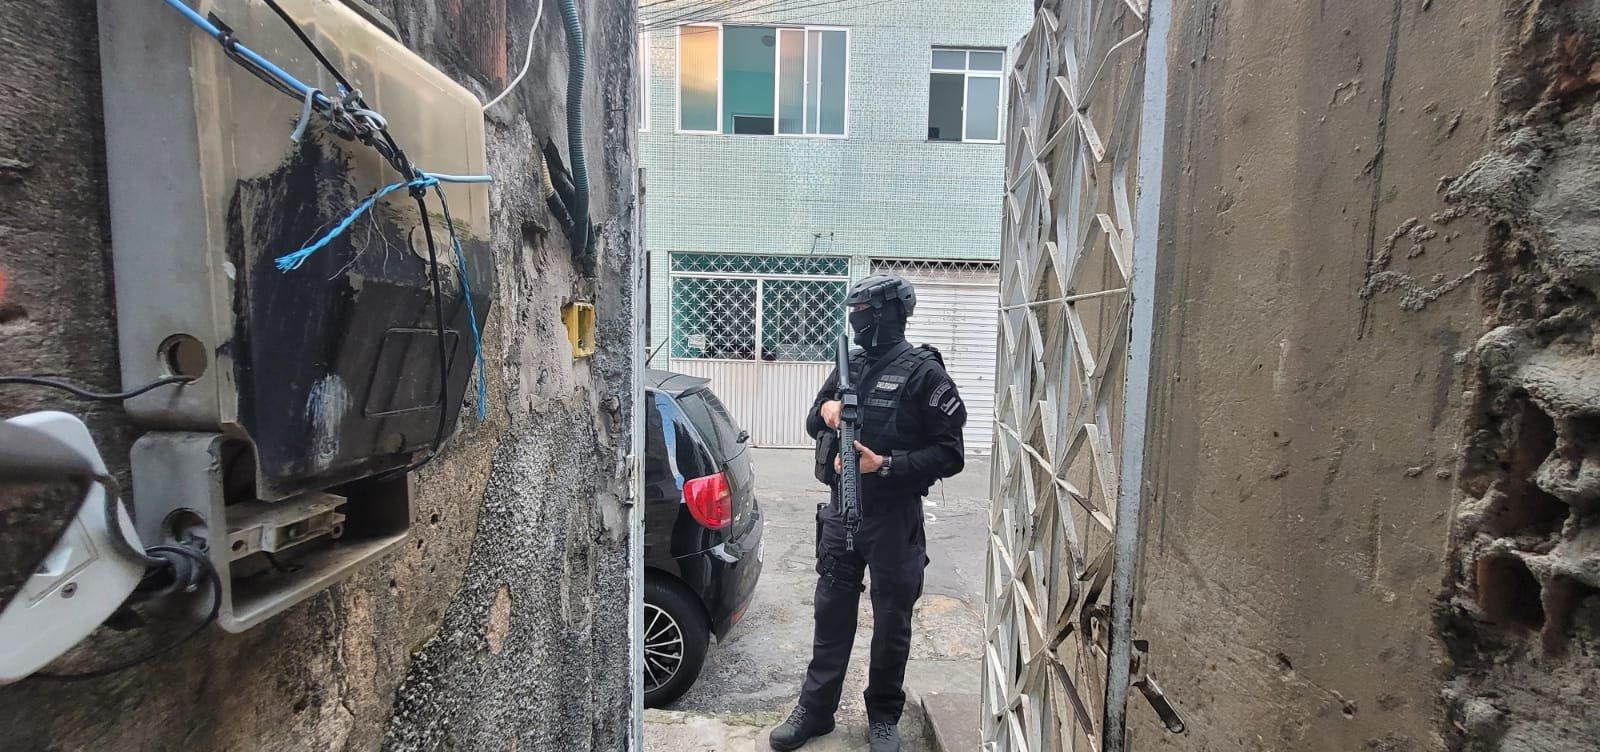 Polícia prende dois homens envolvidos em sequestros em Salvador